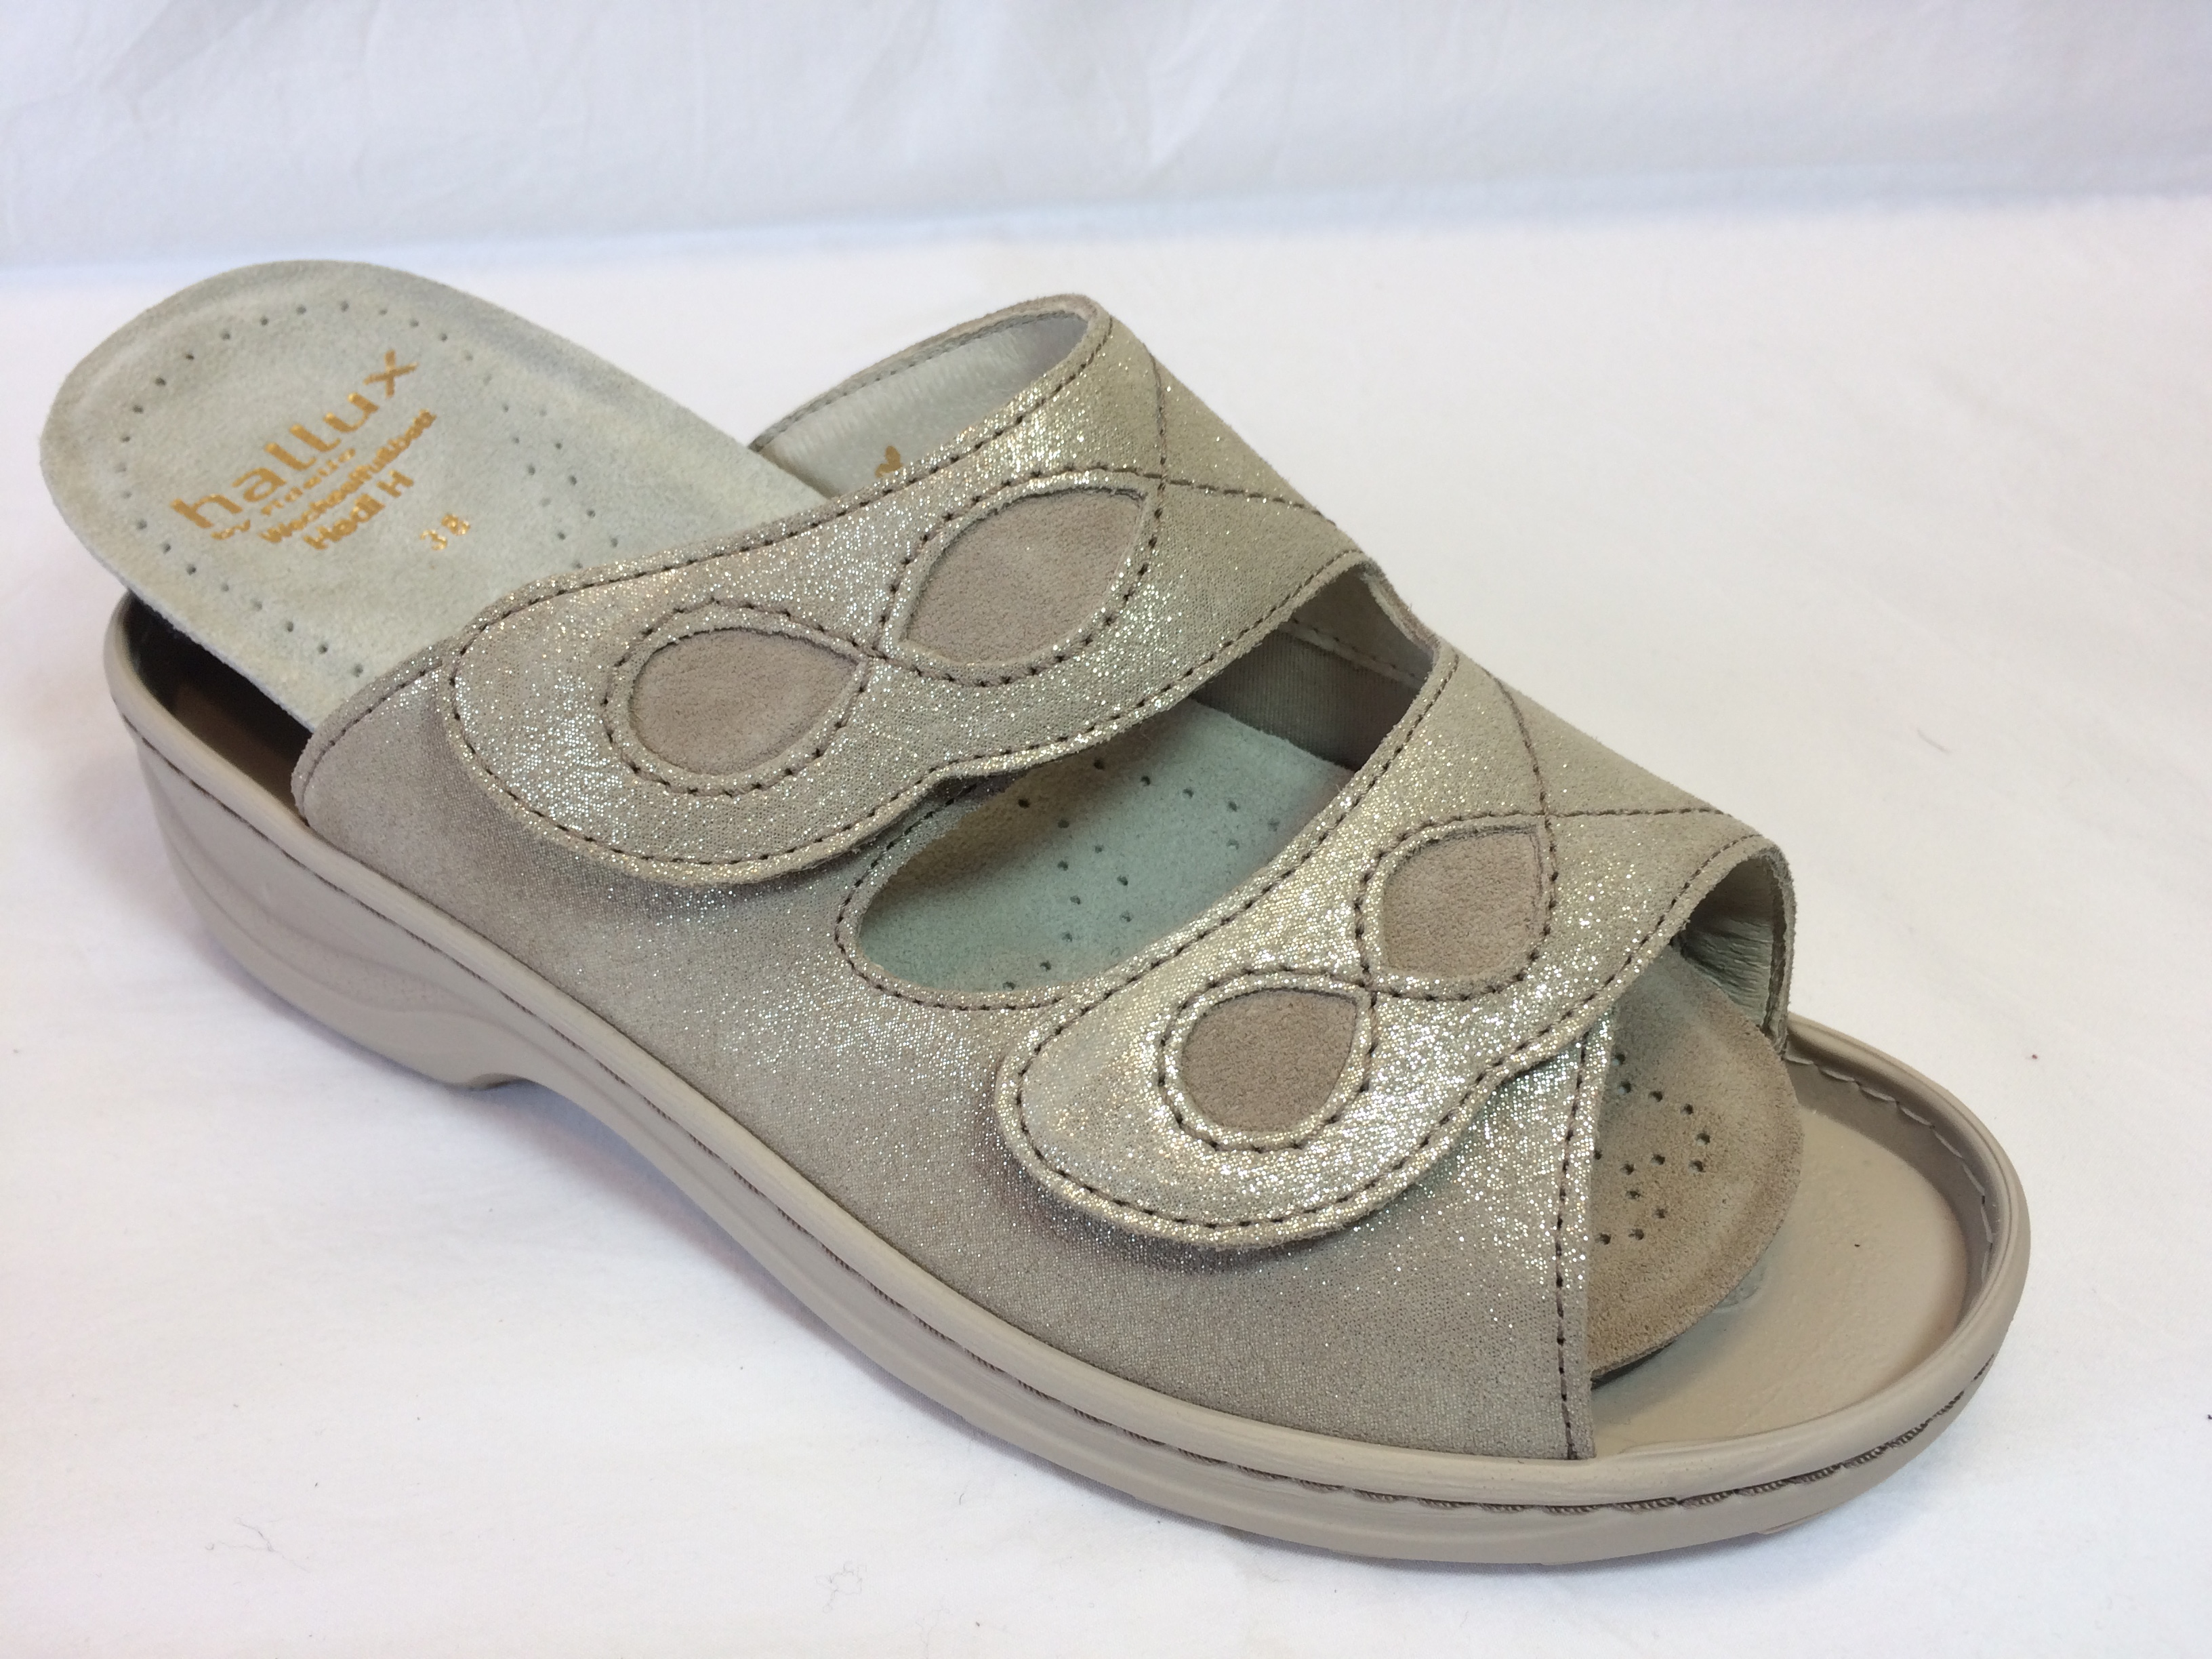 Magasin de chaussures orthopédiques à Jodoigne - Fidélio